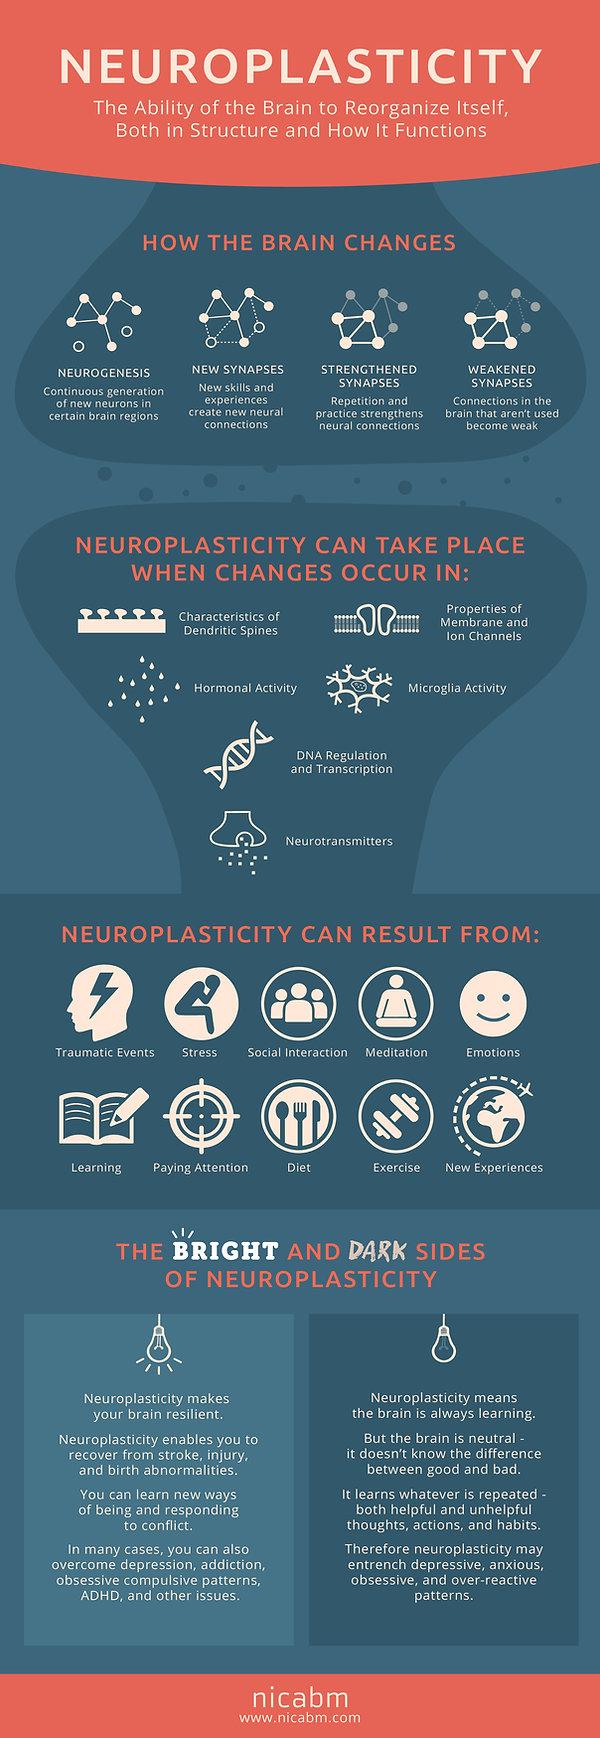 Neurofeedback, biofeedback, Neuroplasticity